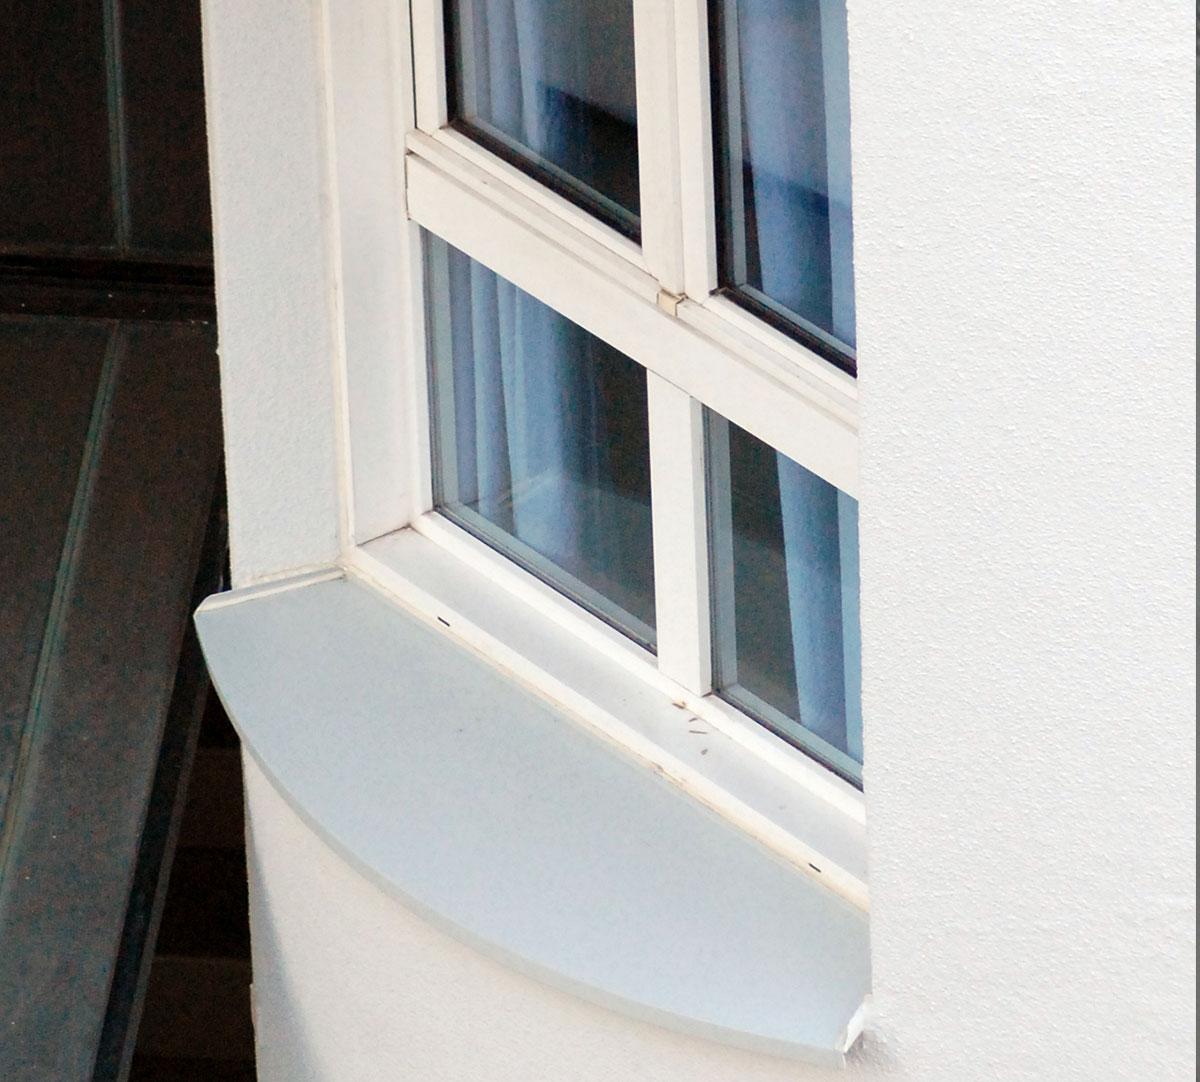 Réalisation Bavette d'appuie fenêtre cintrée : image 1